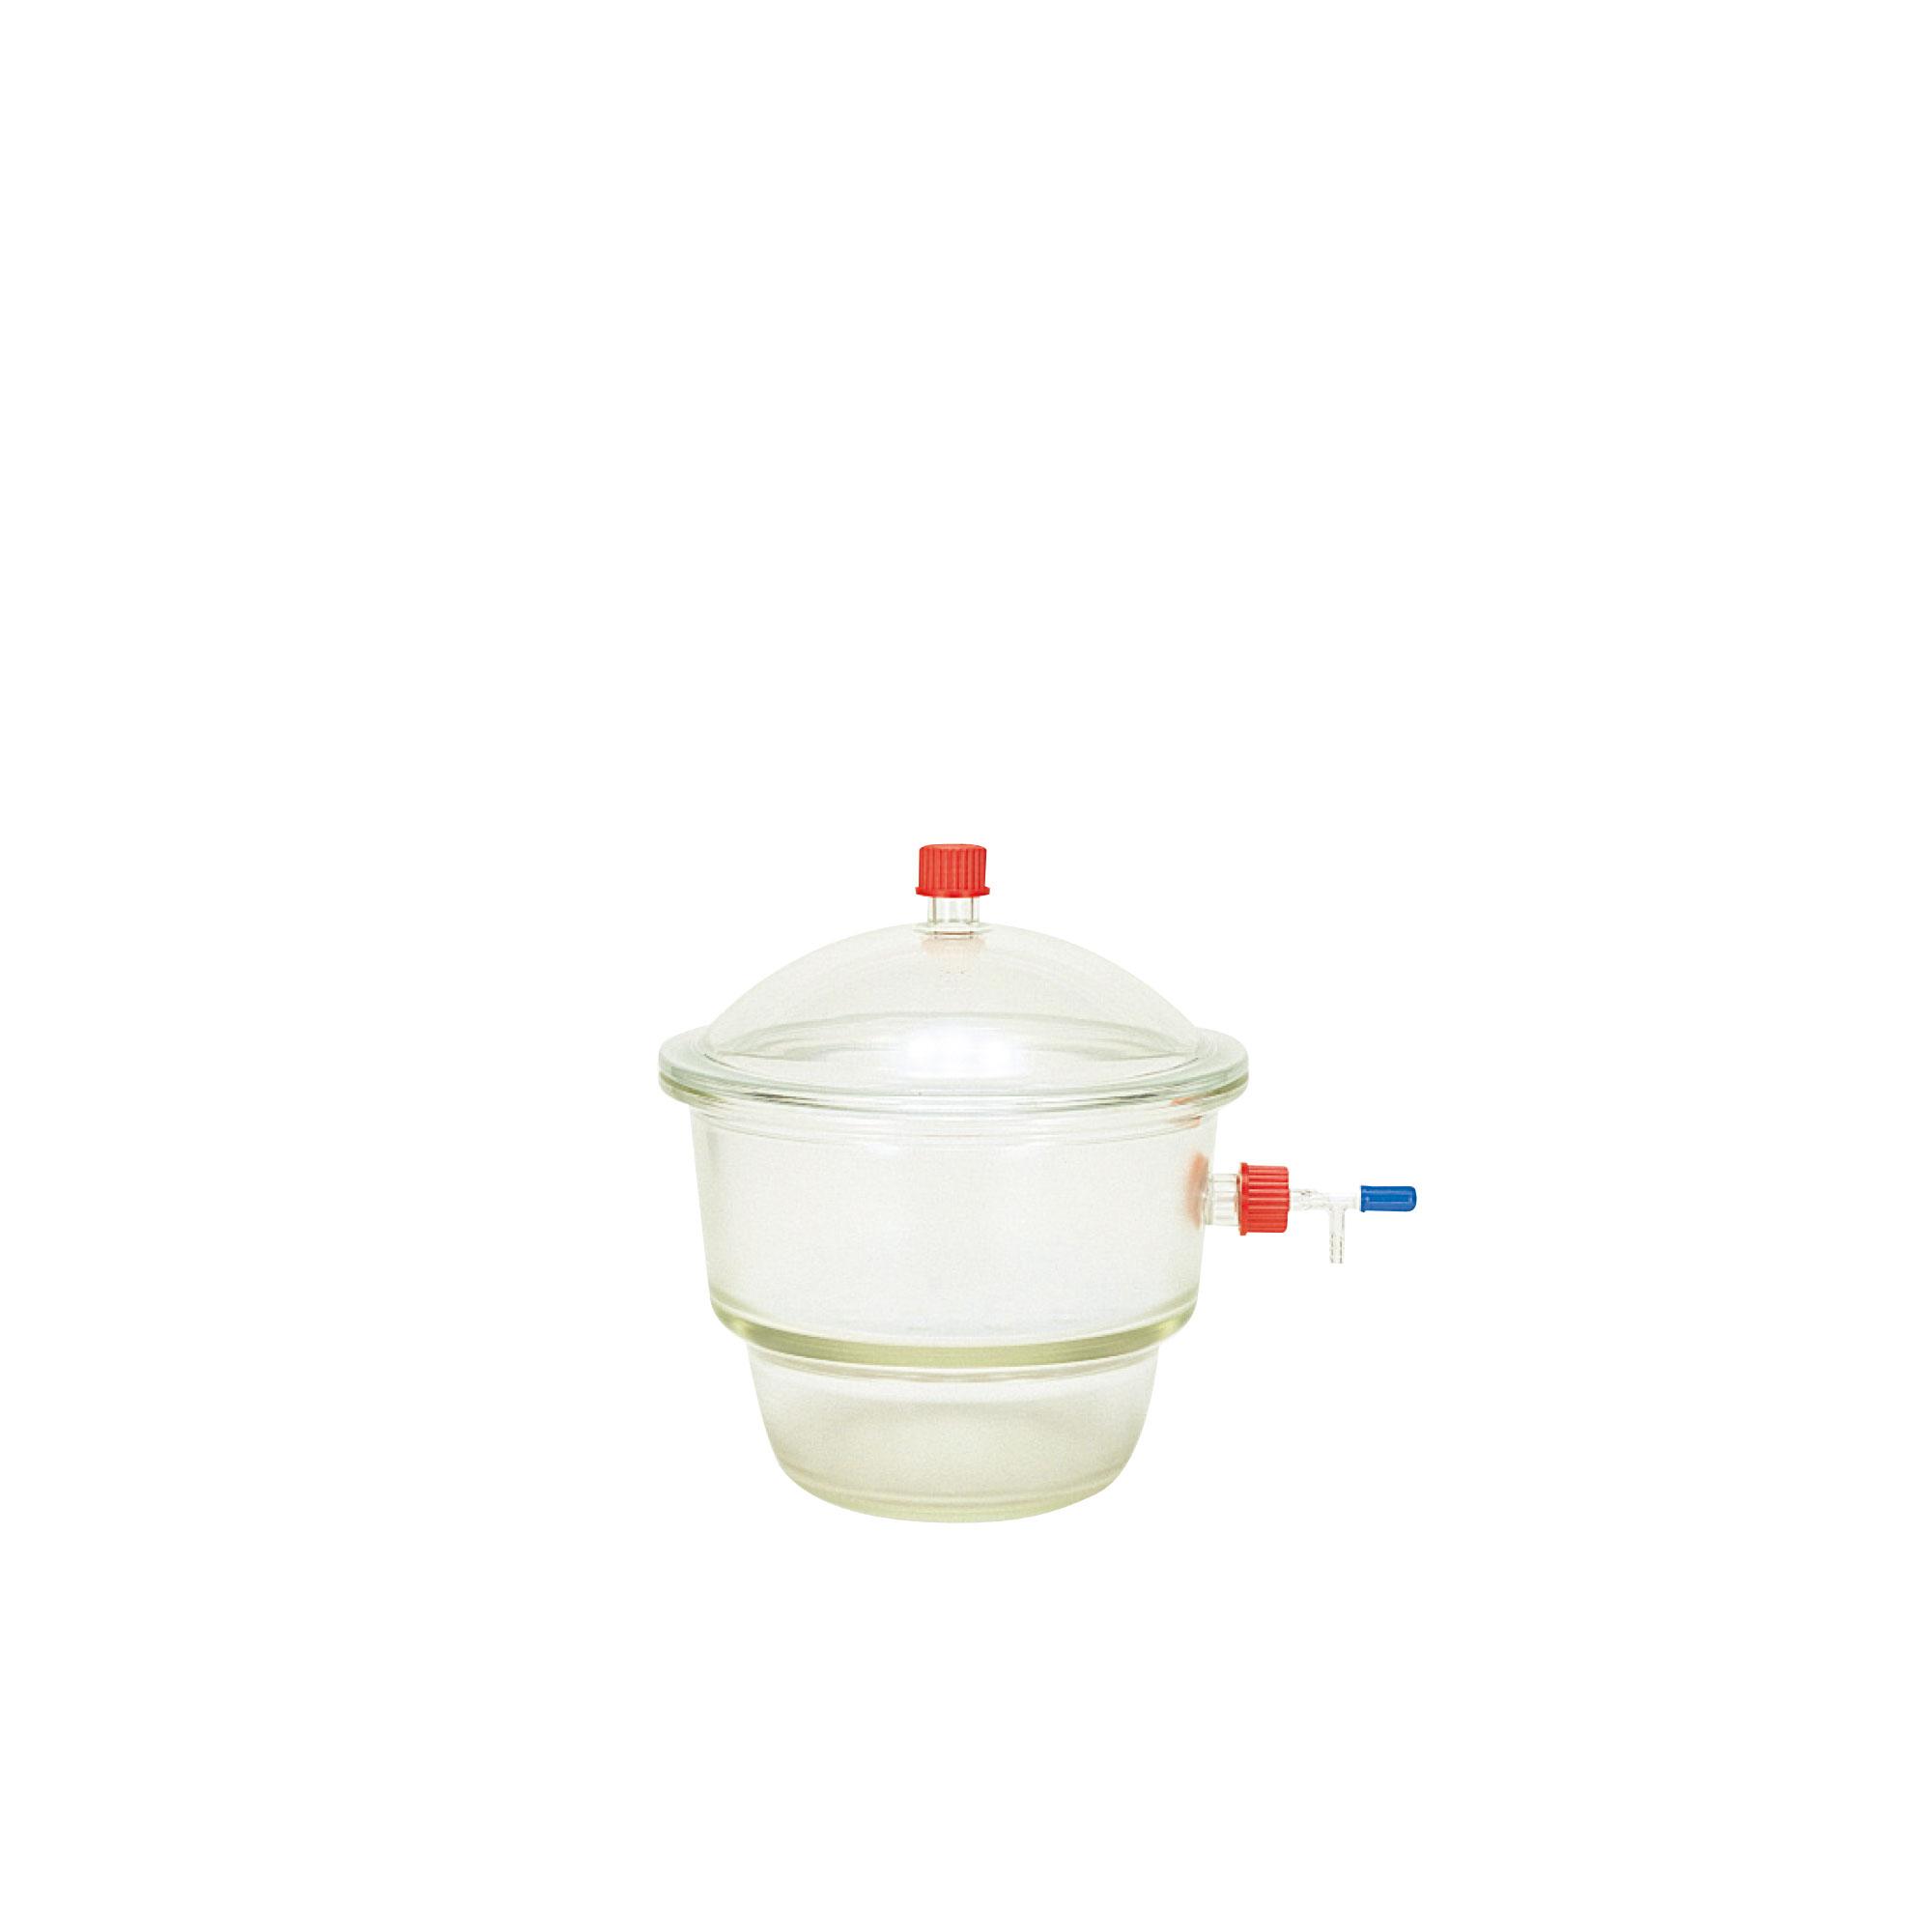 017450-300 DURAN ねじ口デシケーター 横口 コック付 中板 プラスチックキャップ付 GL-32 No.300 柴田科学(SIBATA)